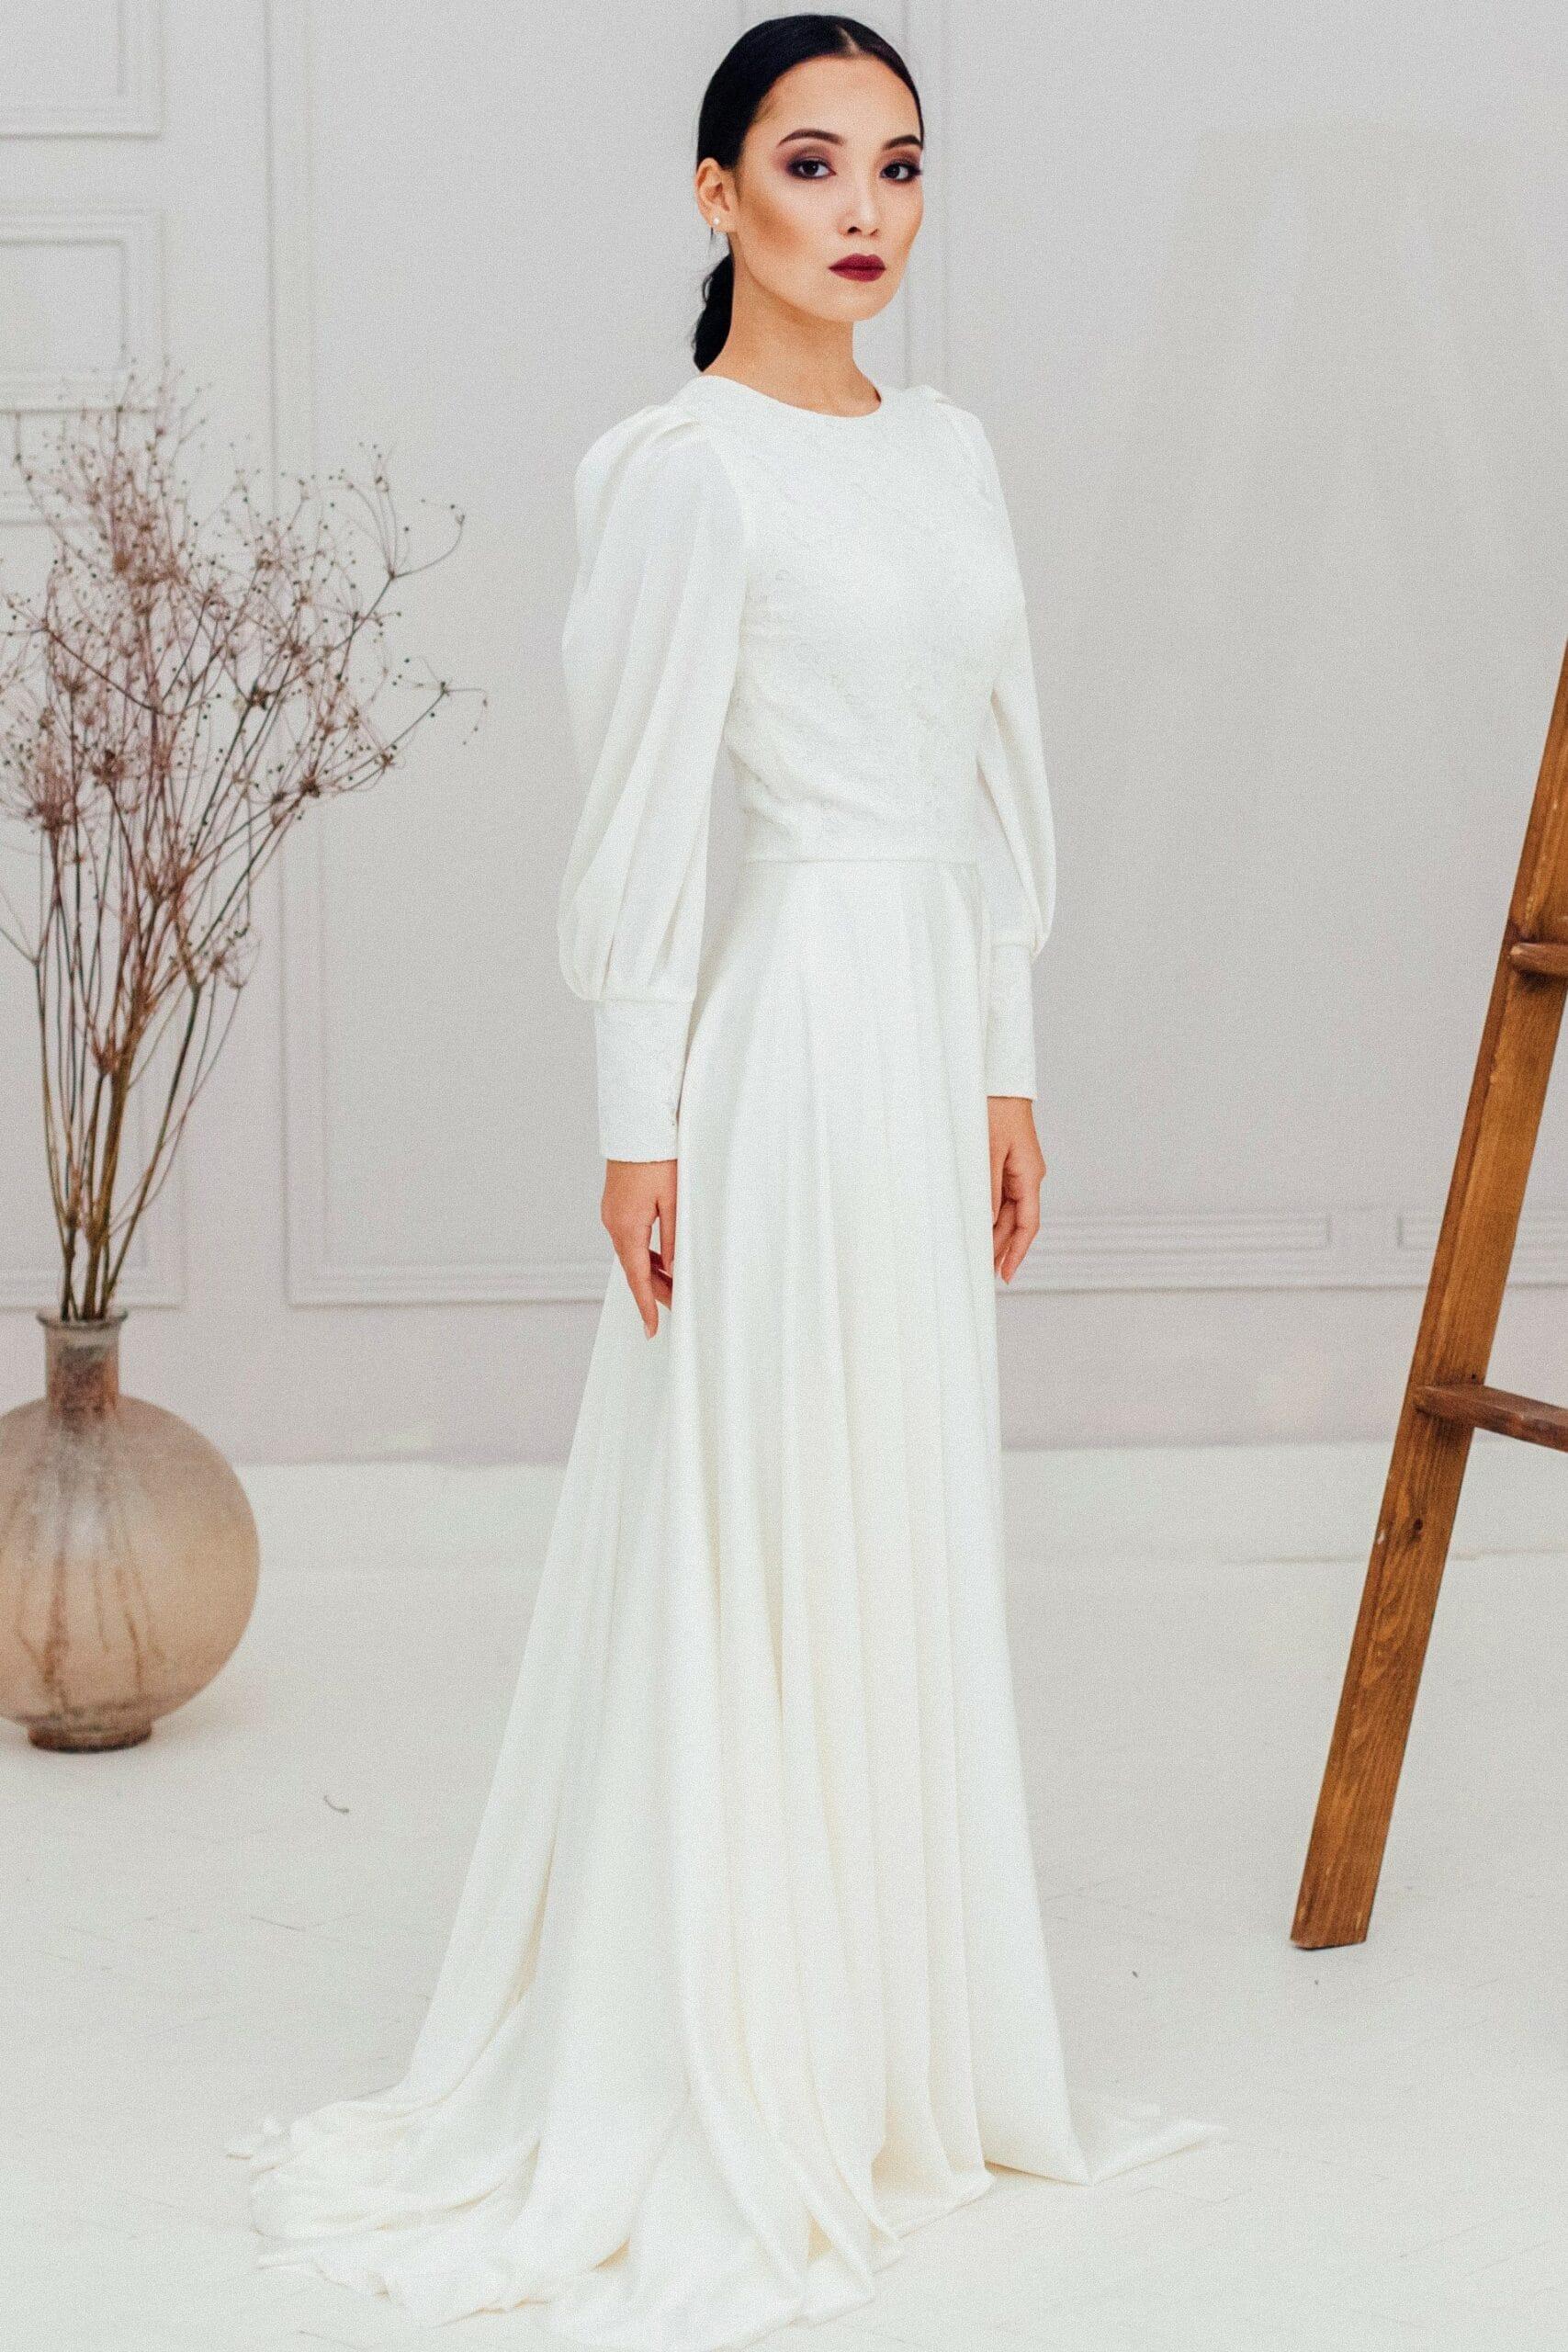 Свадебное платье MALI, коллекция REFINED ELEGANCE, бренд OKA NOMO, фото 4